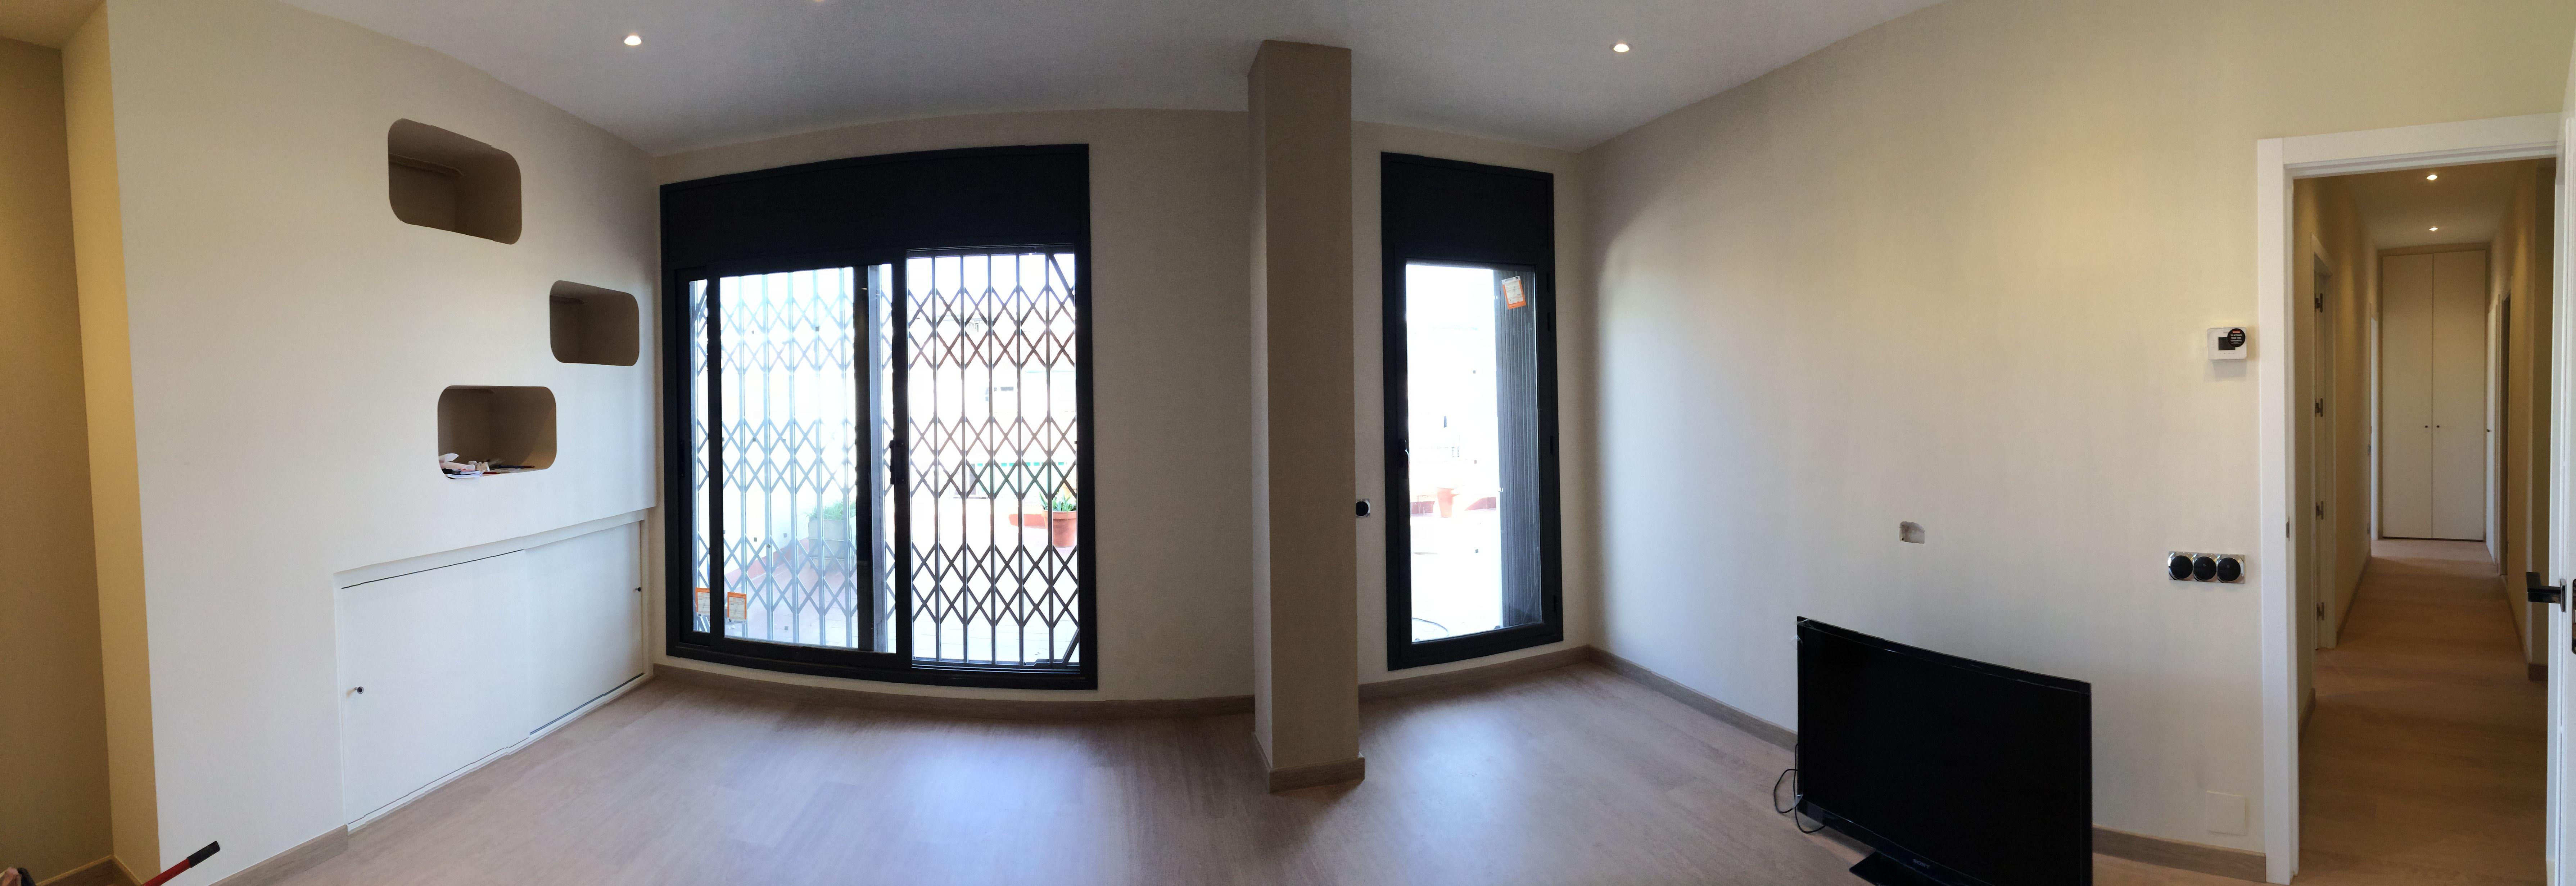 Reforma integral de de alta calidad de un piso